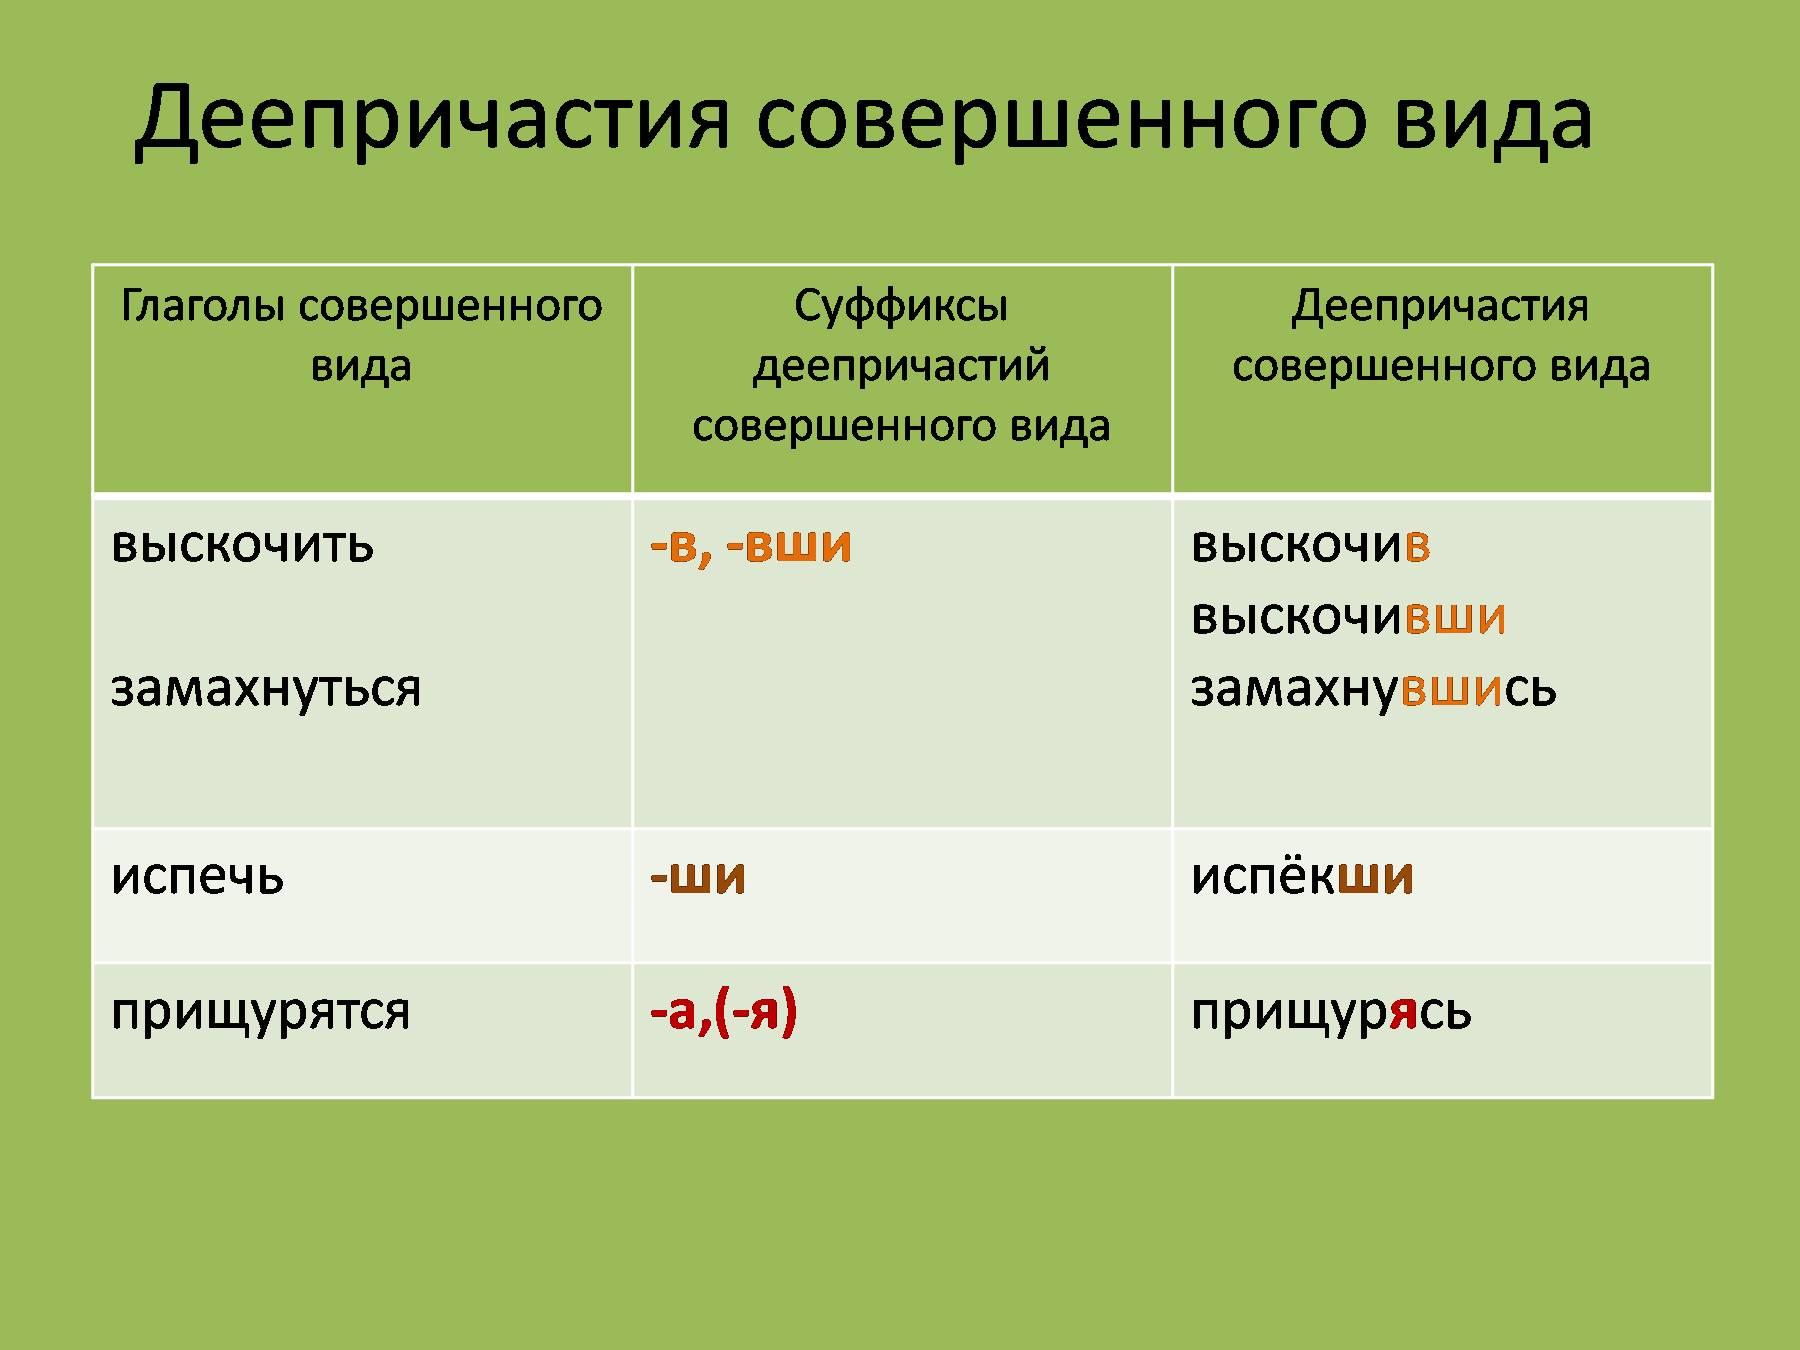 Картинки определение деепричастия